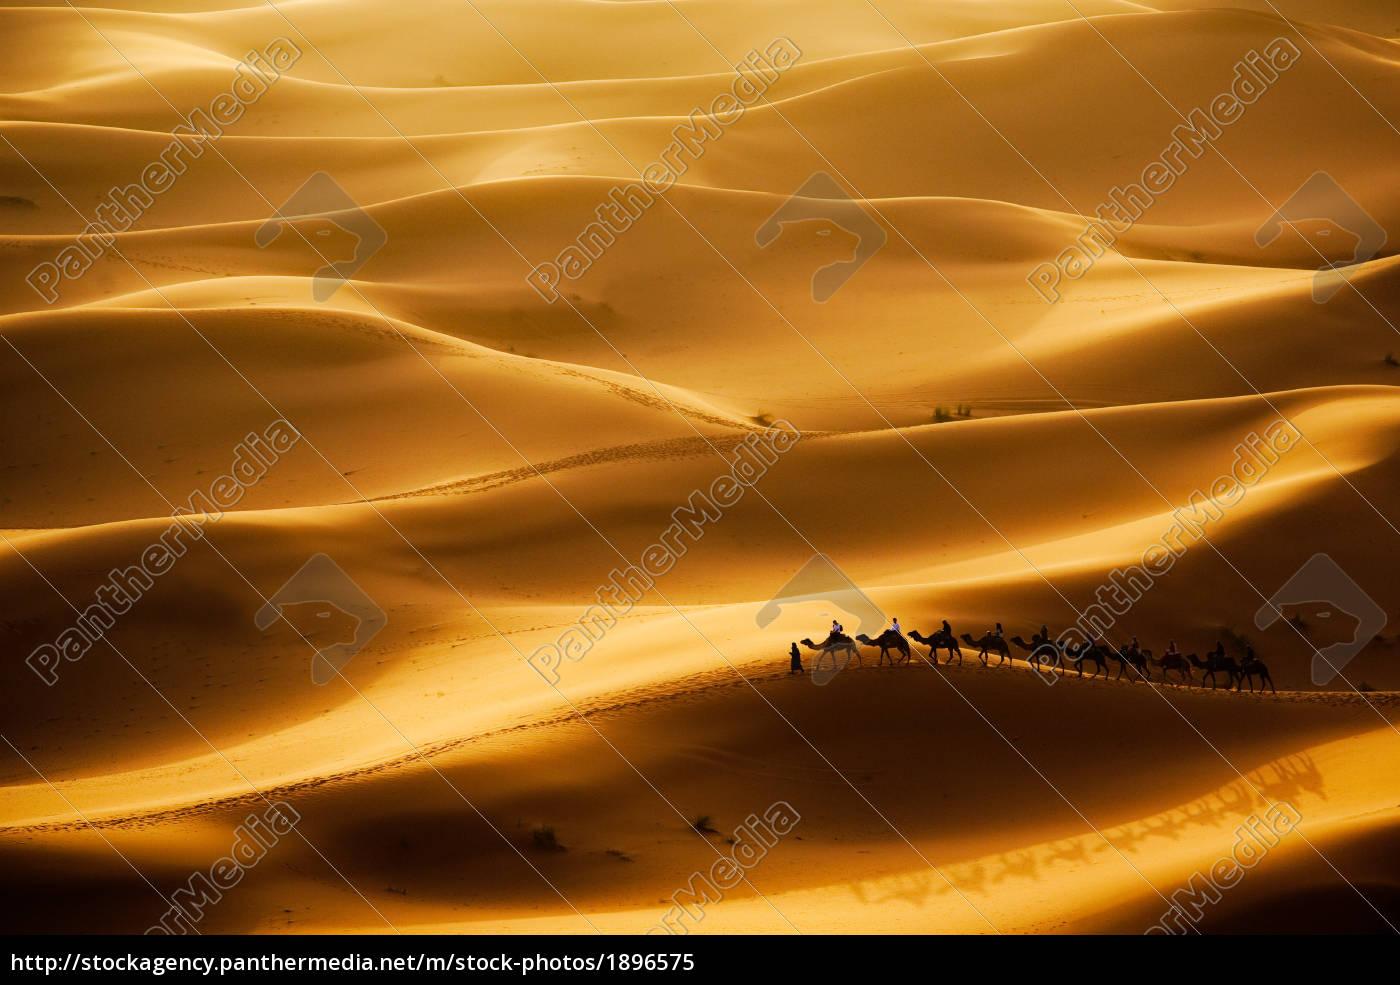 camel, caravan - 1896575